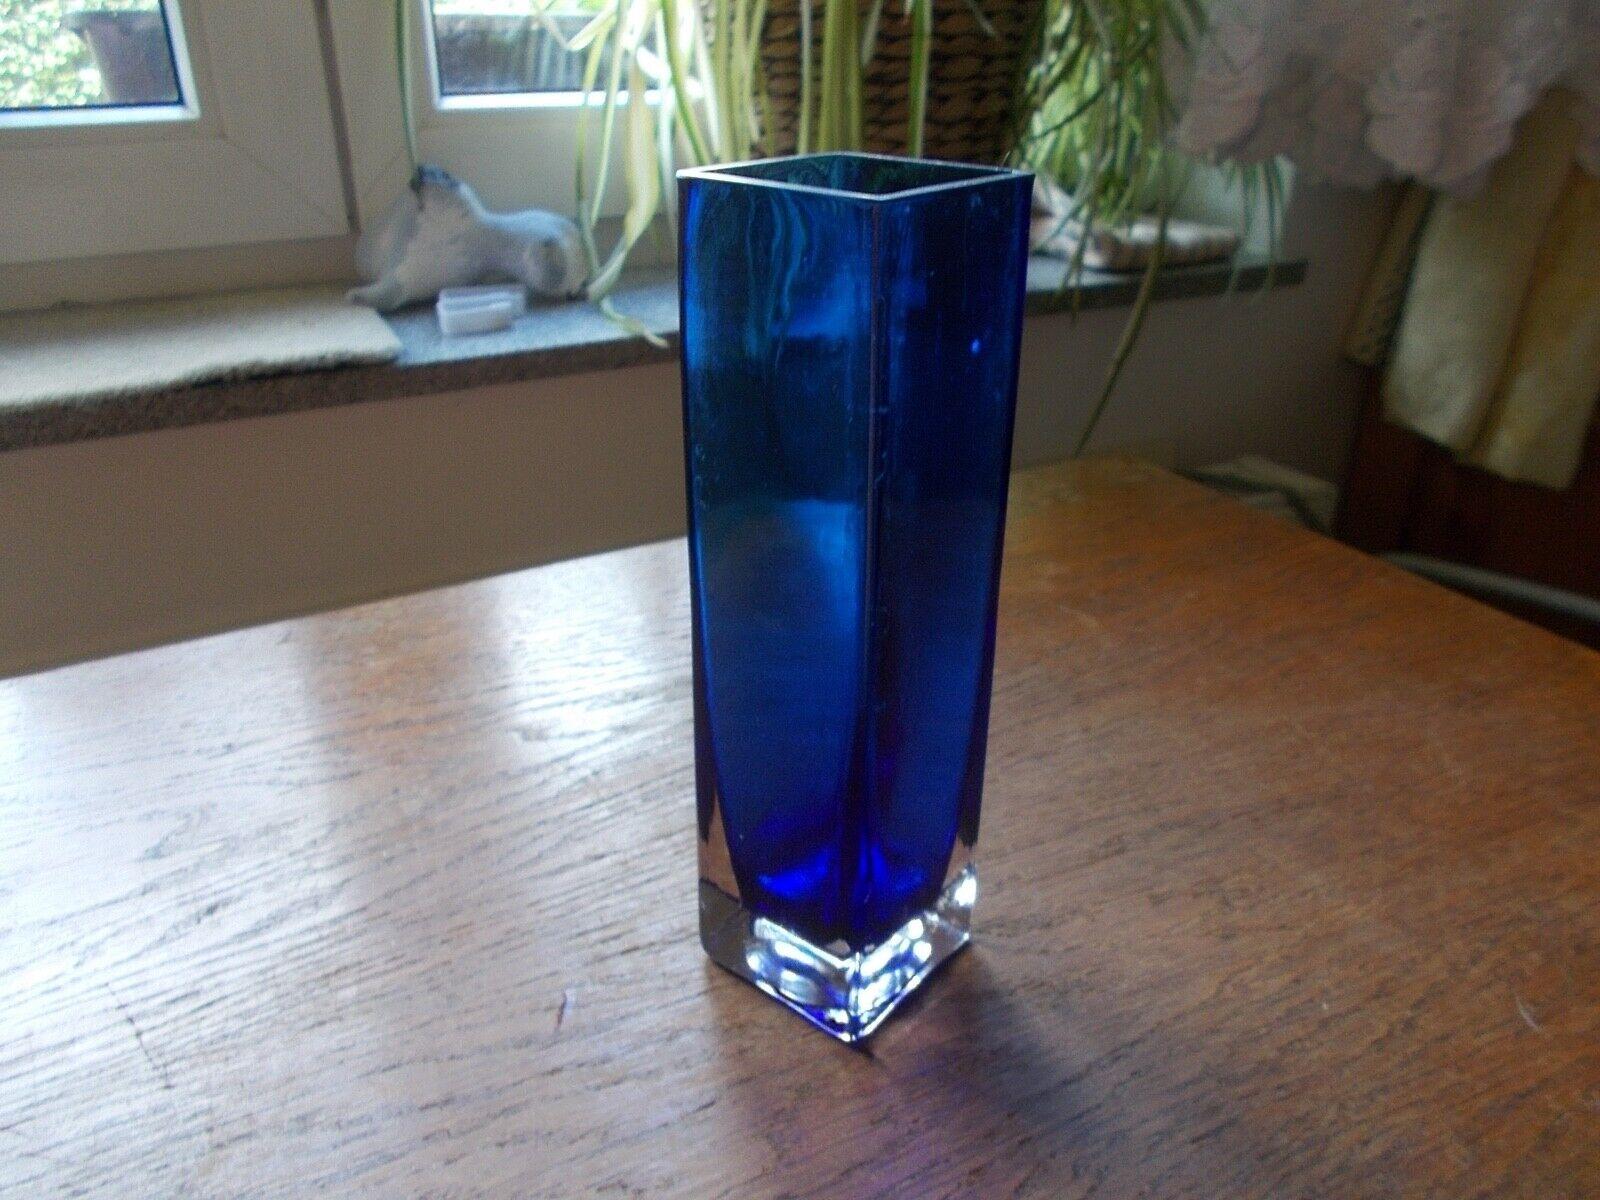 Blaue Glas Vase innen dunkelblau überfangen viereckig 19,5 cm hoch Glasvase top!